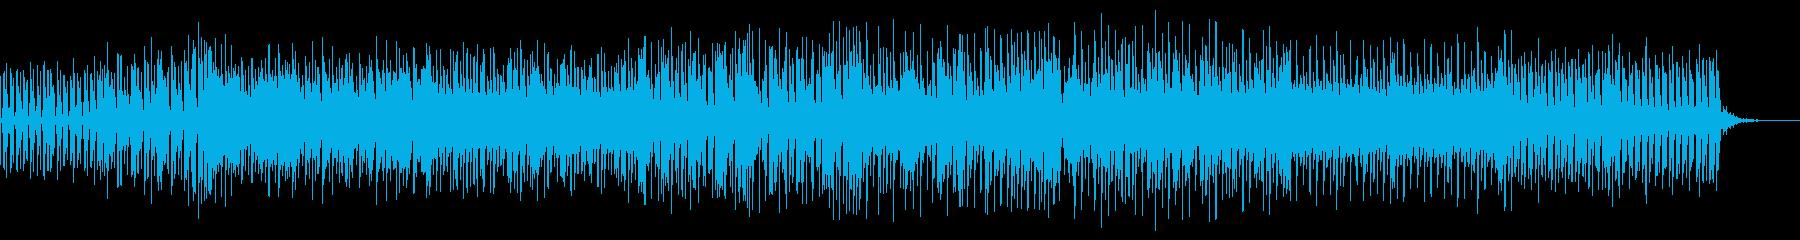 爽やかなリード音と軽快なリズムが印象的の再生済みの波形